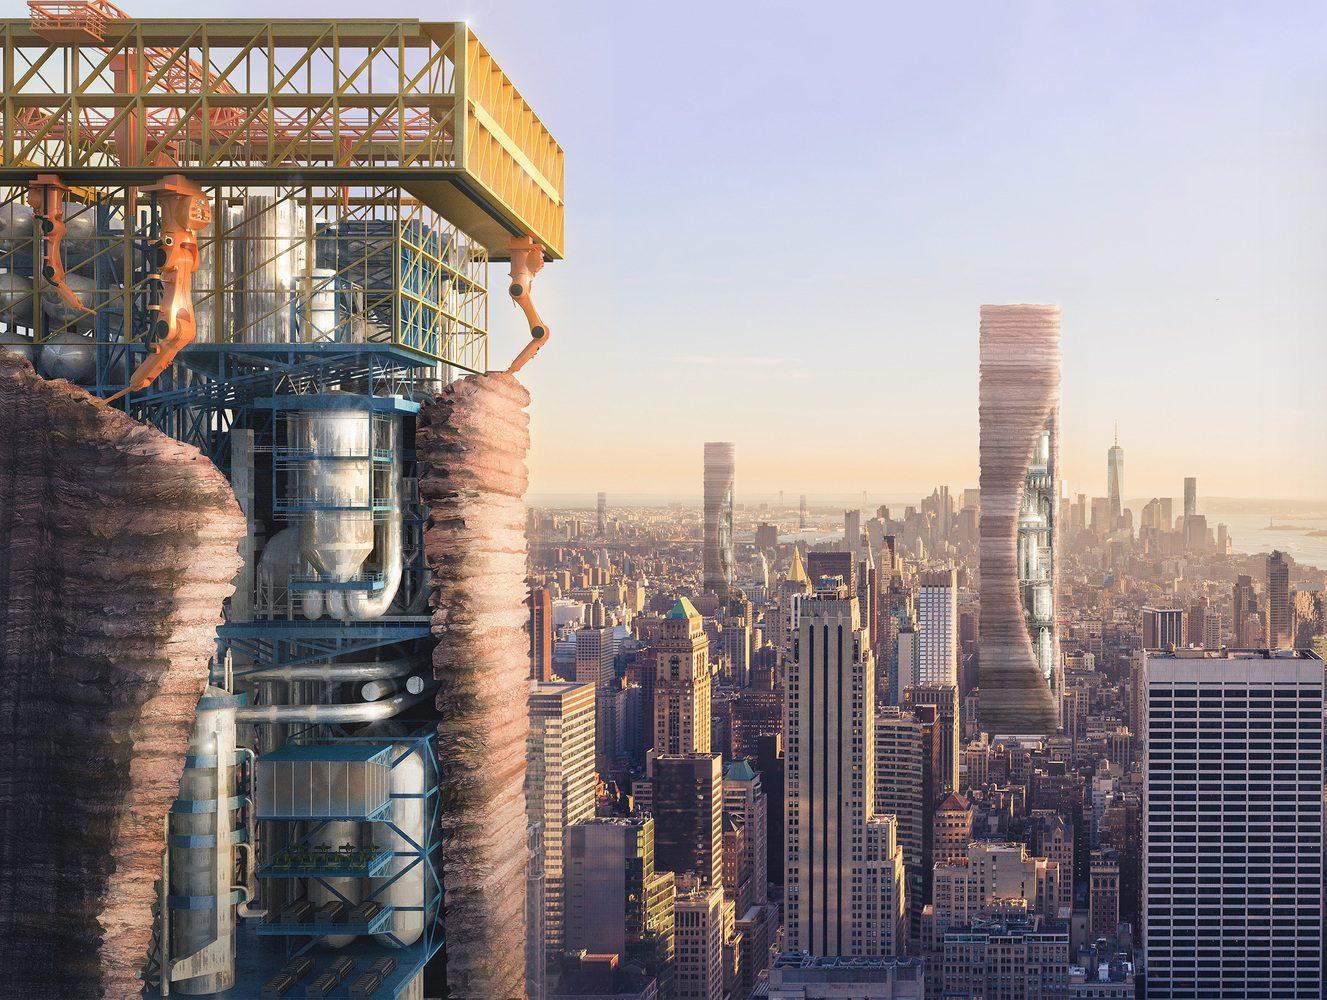 eVolo Announces 2018 Skyscraper Competition Winners - IGS Magazine - Architecture - 27